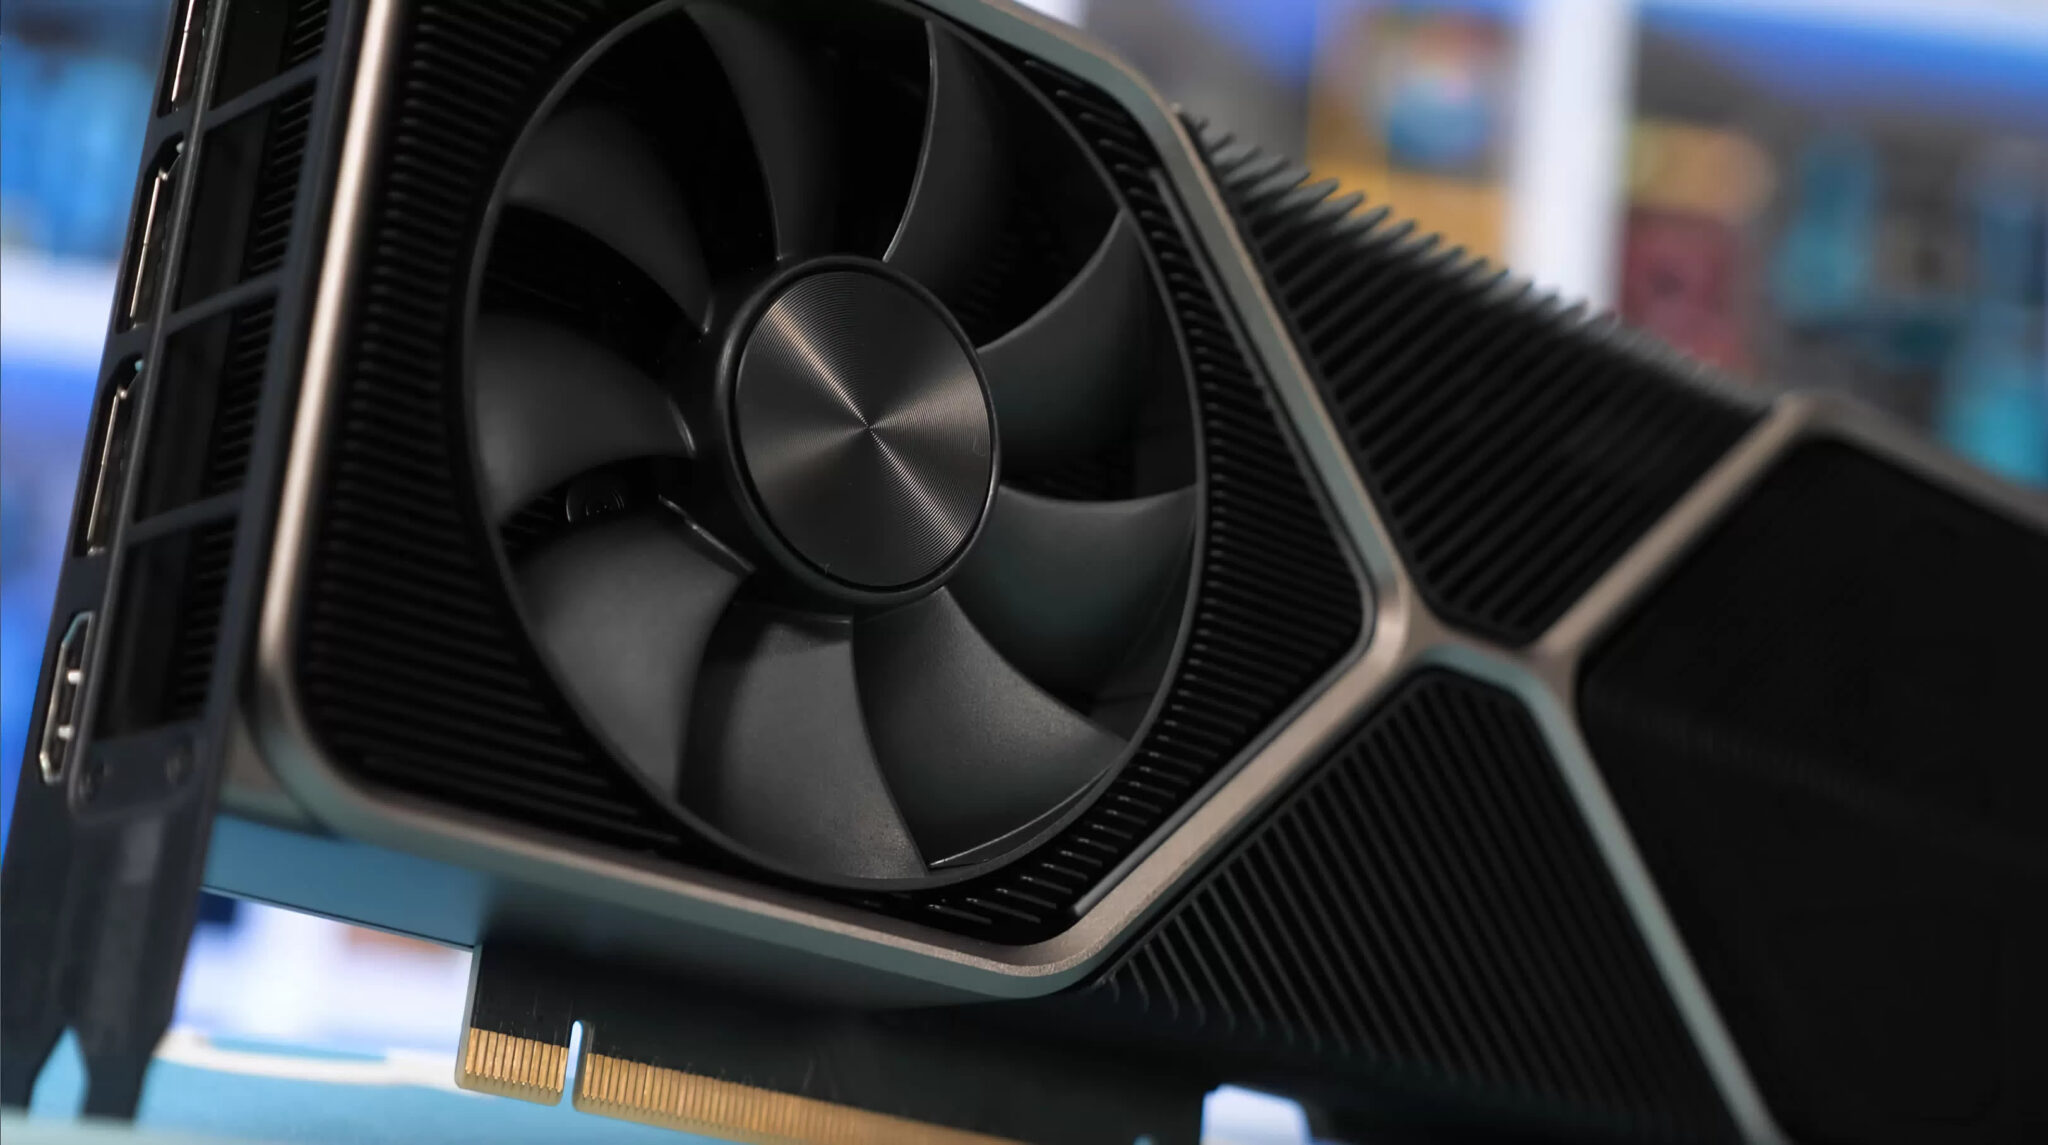 مصادر تؤكد أن بطاقة RTX 3080 Ti قادمة في شهر أبريل لأجهزة الكمبيوتر